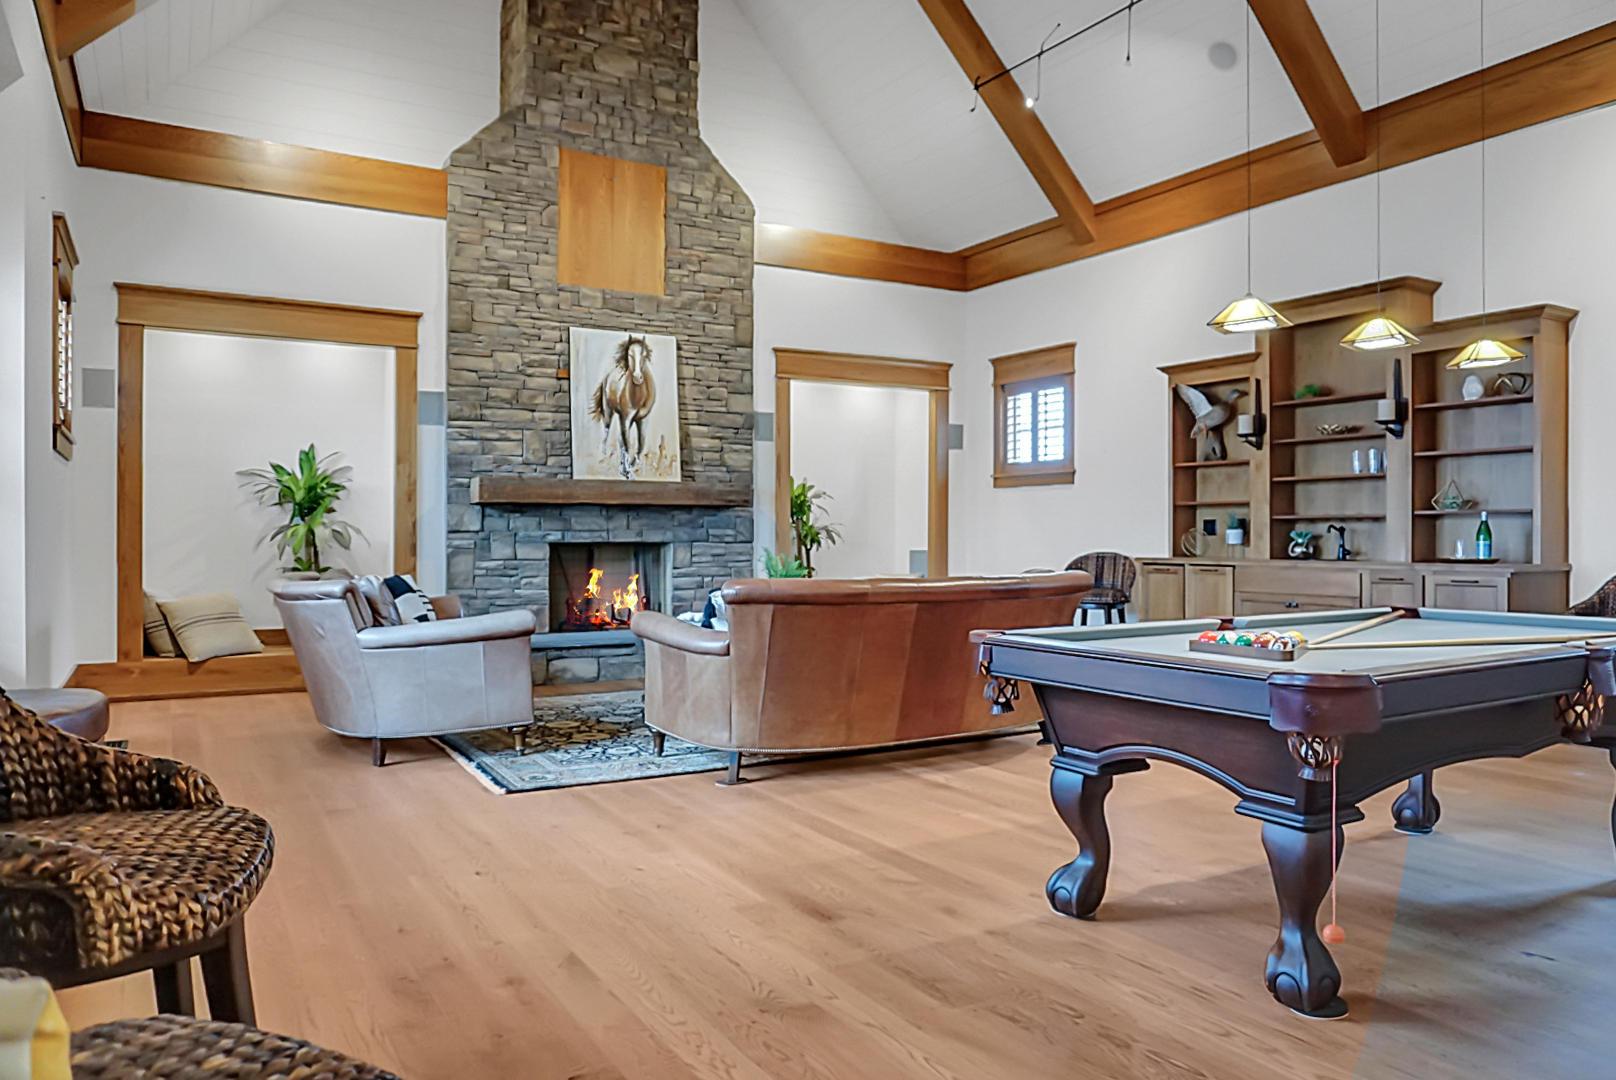 Dunes West Homes For Sale - 2978 River Vista, Mount Pleasant, SC - 20